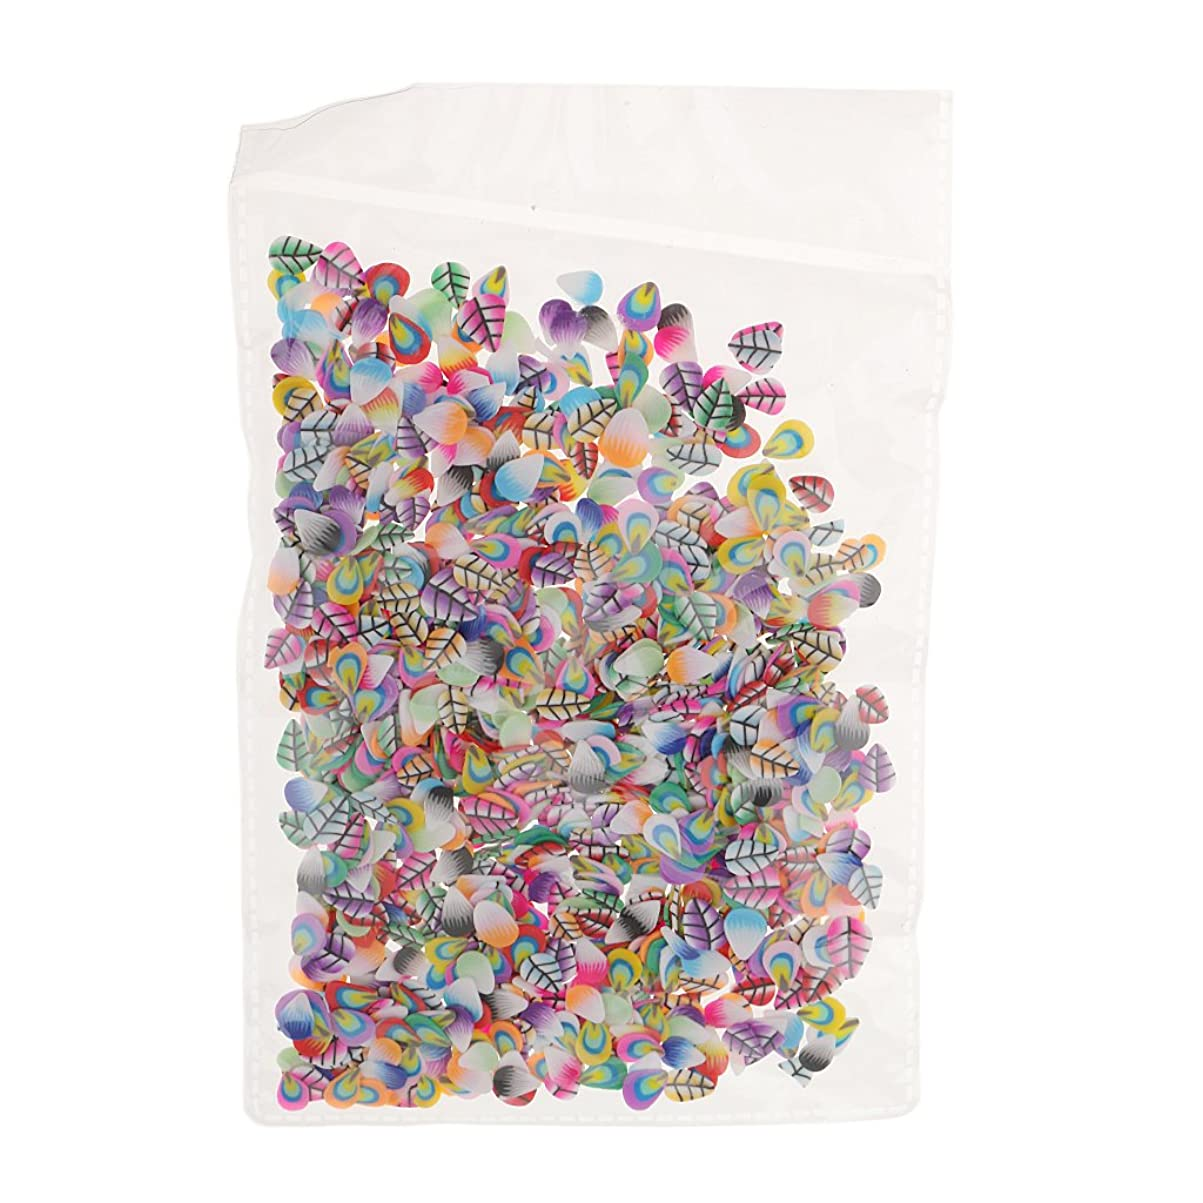 東全体破壊Perfeclan ネイルアート フルーツ スライス ポリマー ステッカー ネイル 装飾 約1000枚 直径約5mm - フェザースタイル